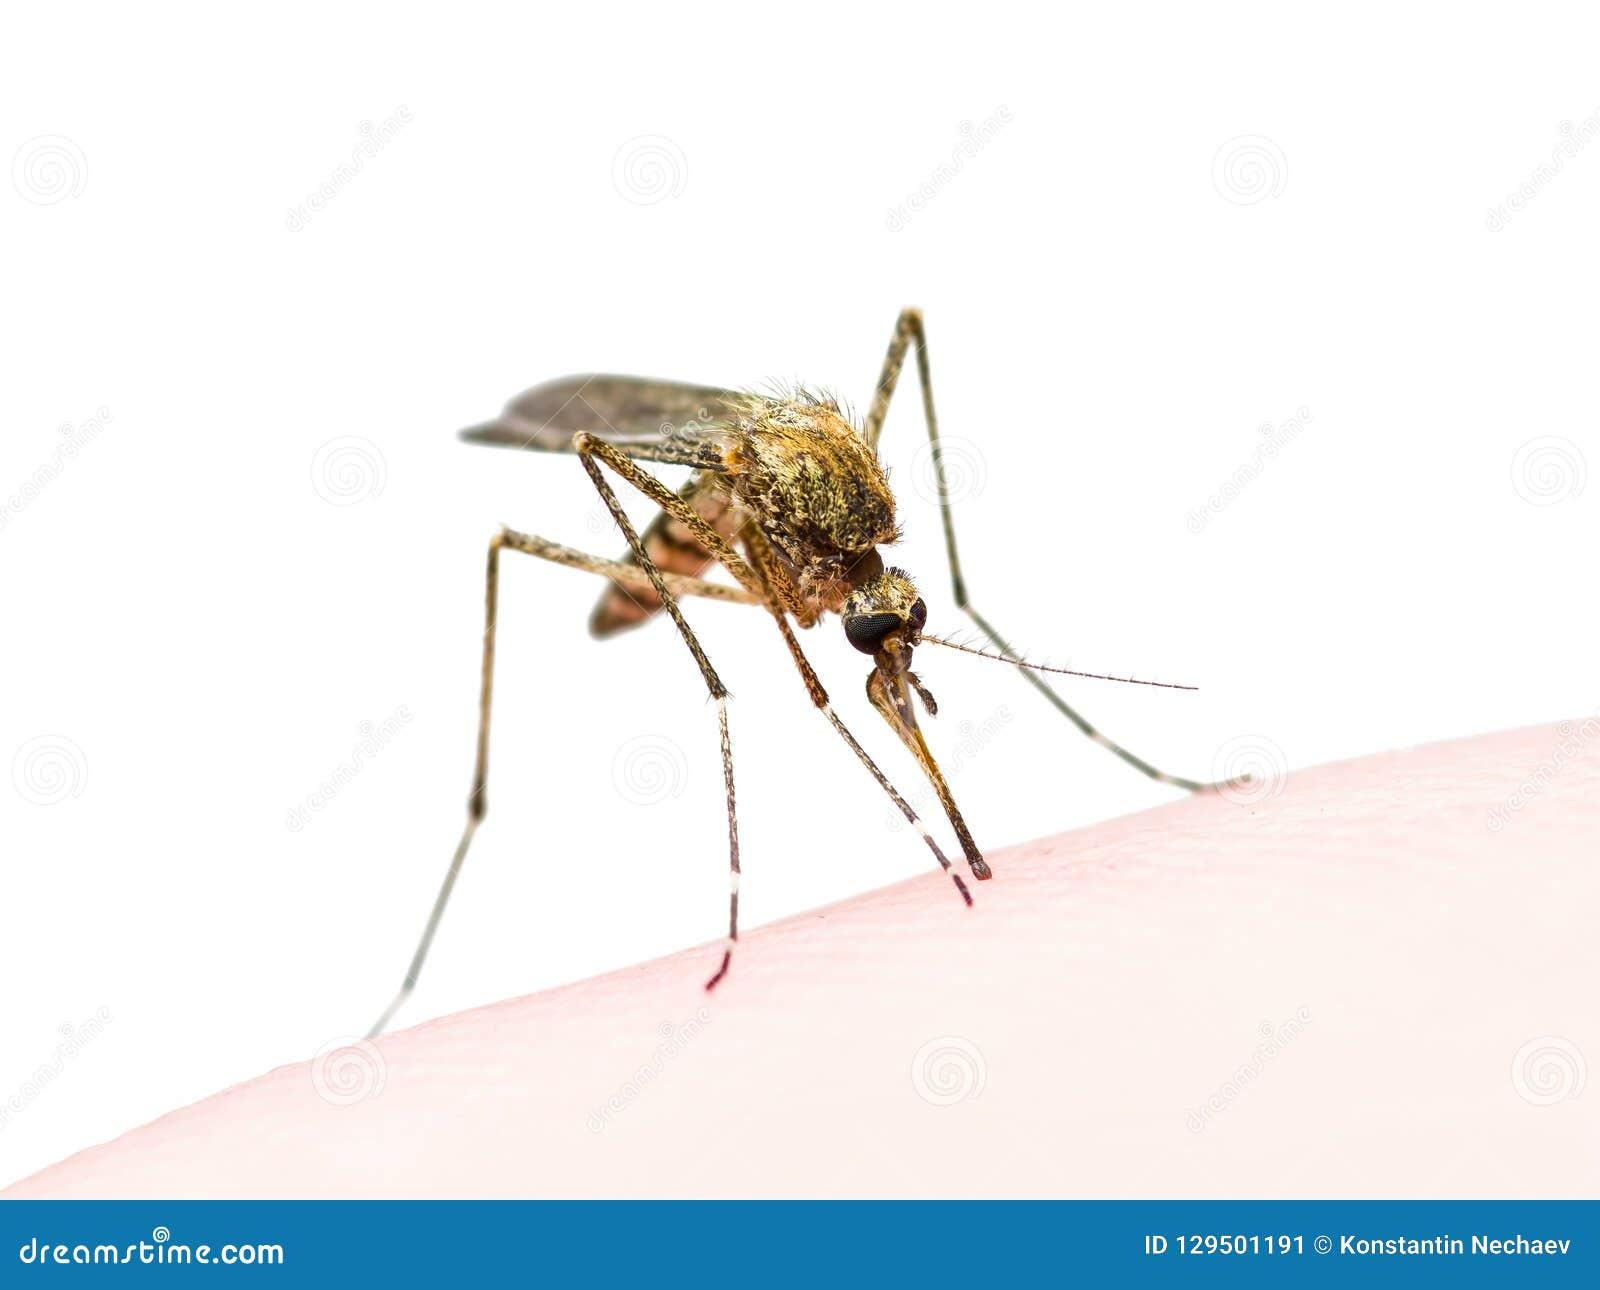 zika virus bug bite